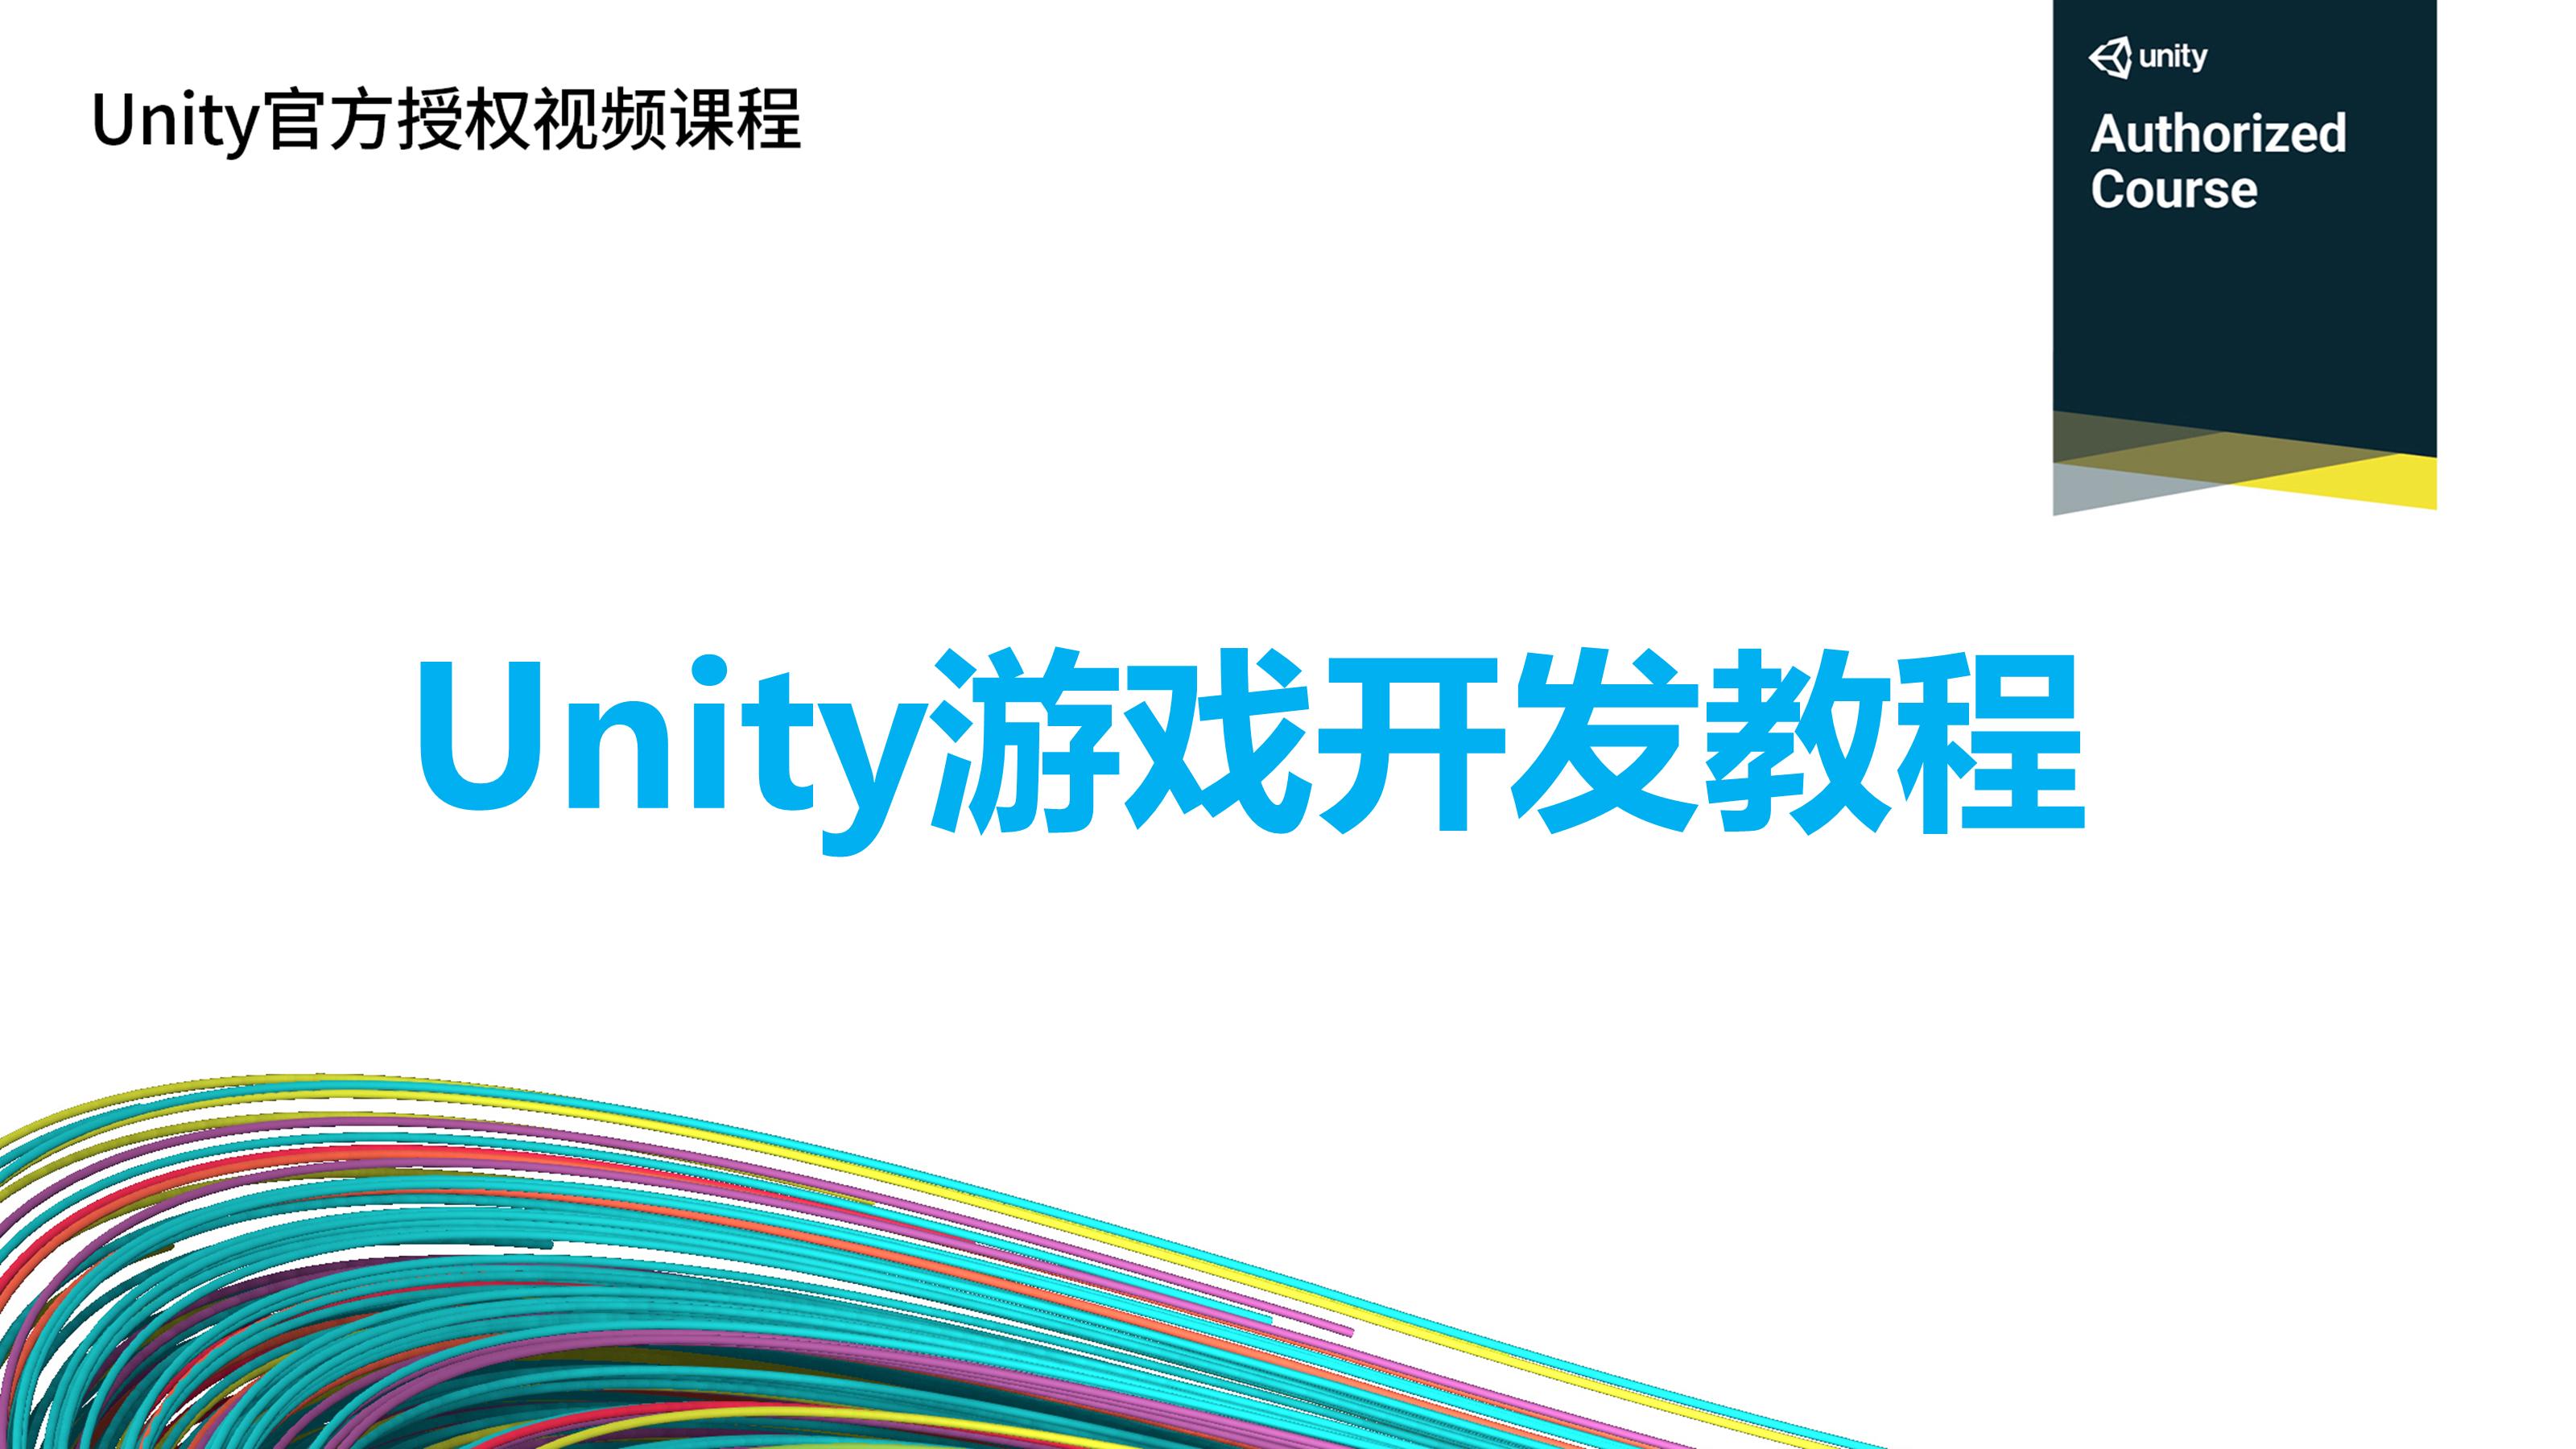 中国传媒大学教授与Unity合作,首个官方授权课程上线